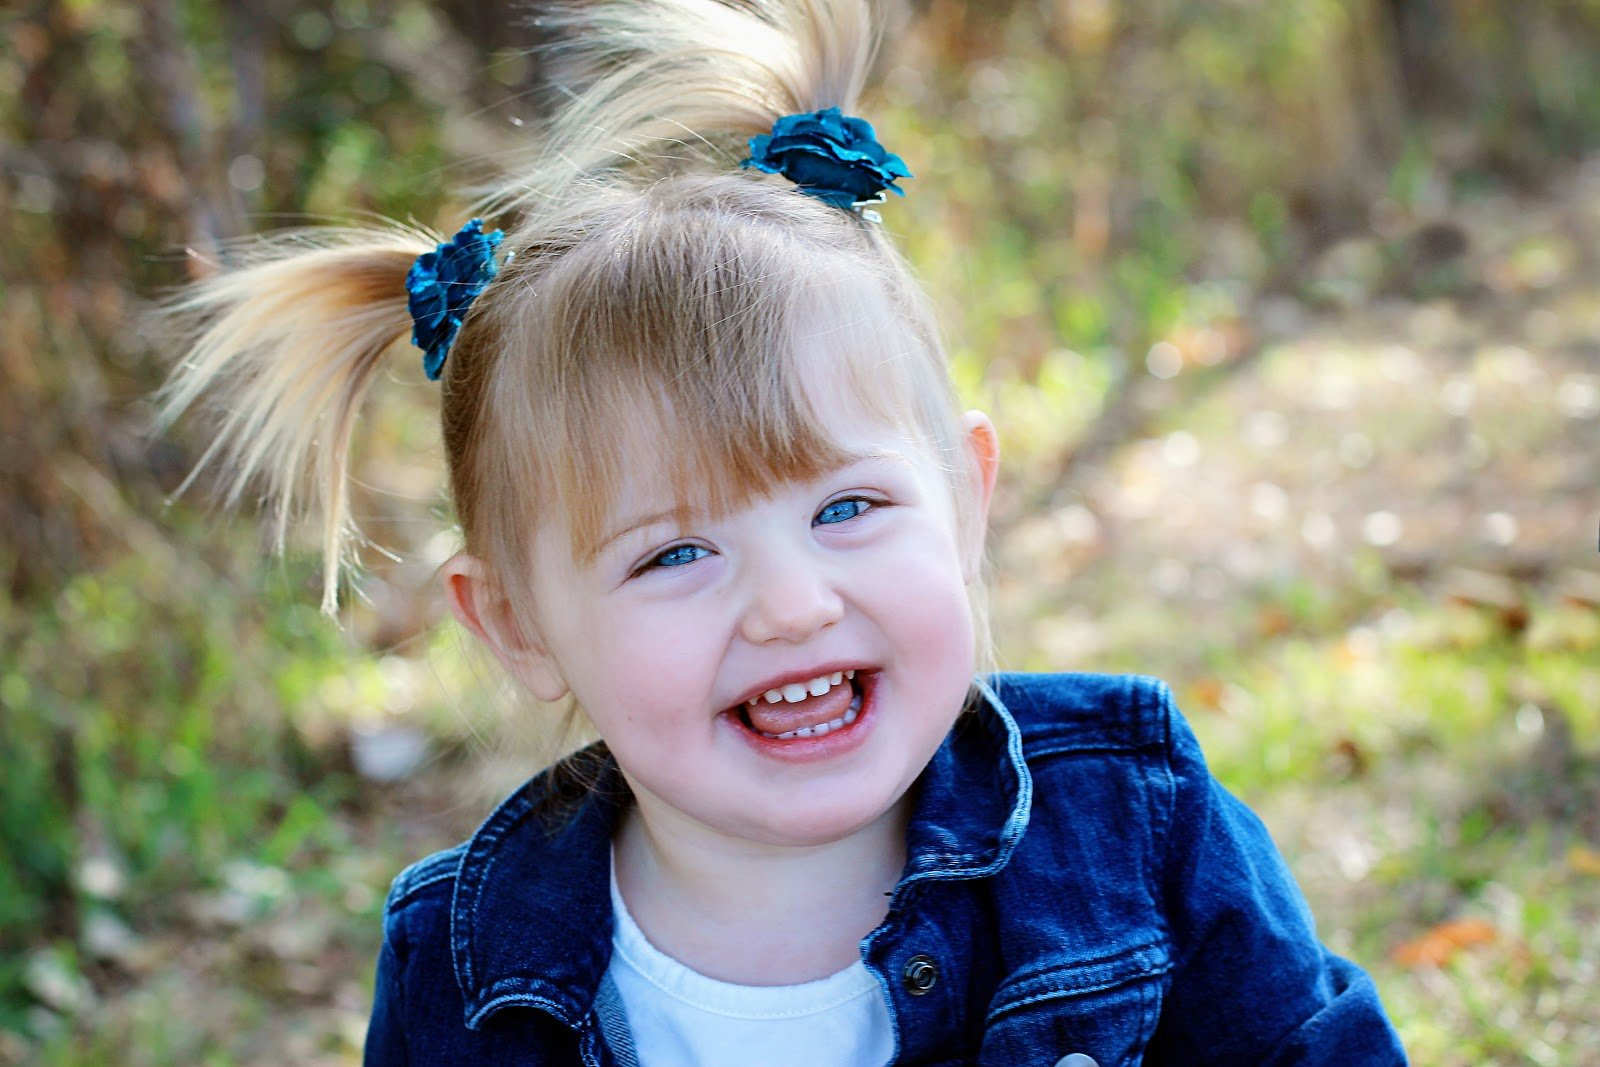 Норма лимфоцитов у ребёнка: что делать, если лимфоциты повышены?